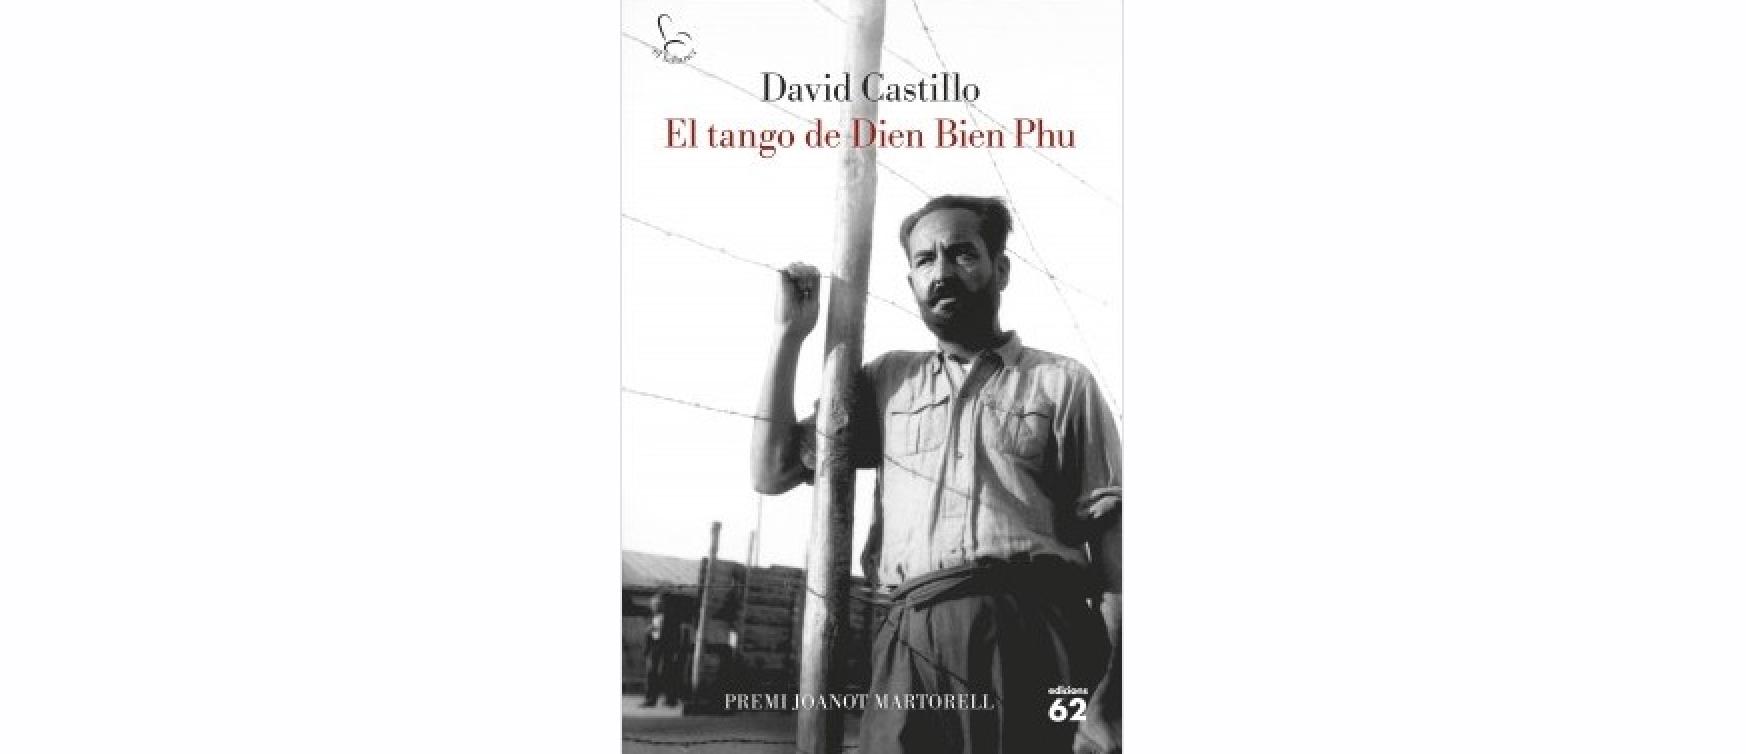 El tango de Dien Bien Phu, de David Castillo